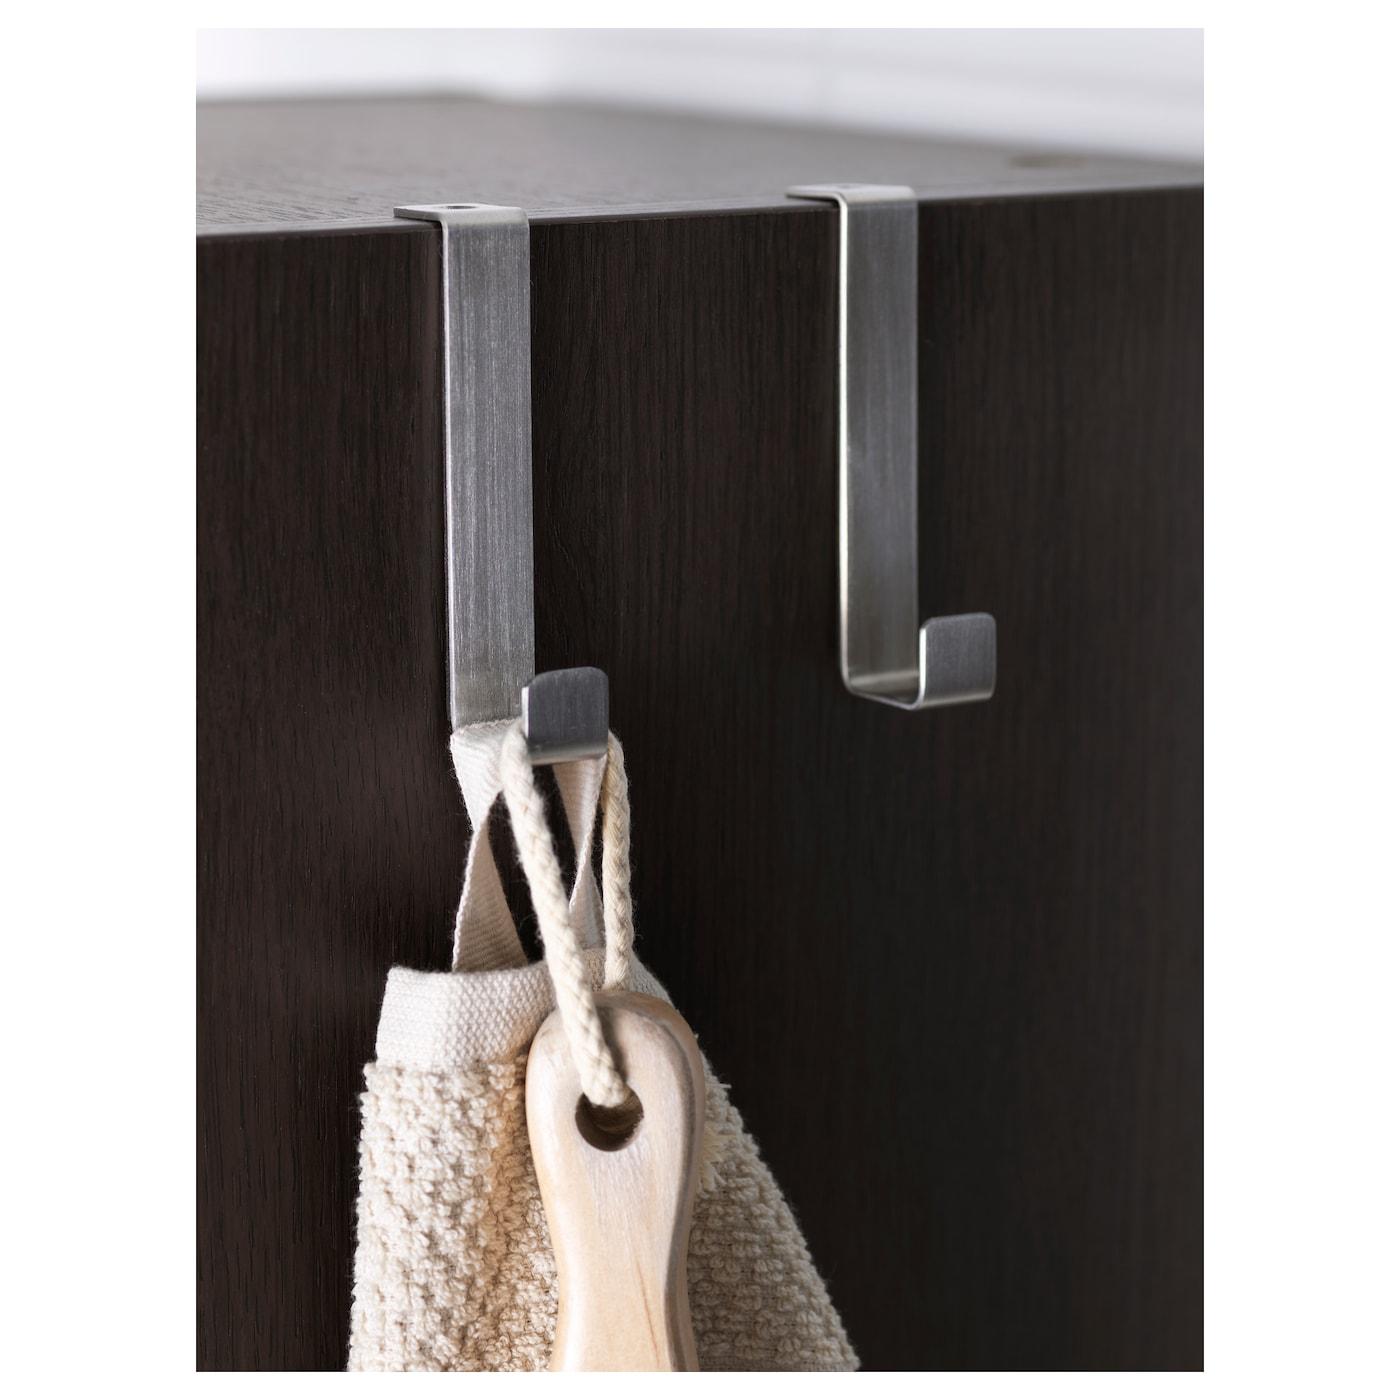 Lill ngen armoire avec porte miroir brun noir 30x21x179 cm for Miroir noir ikea